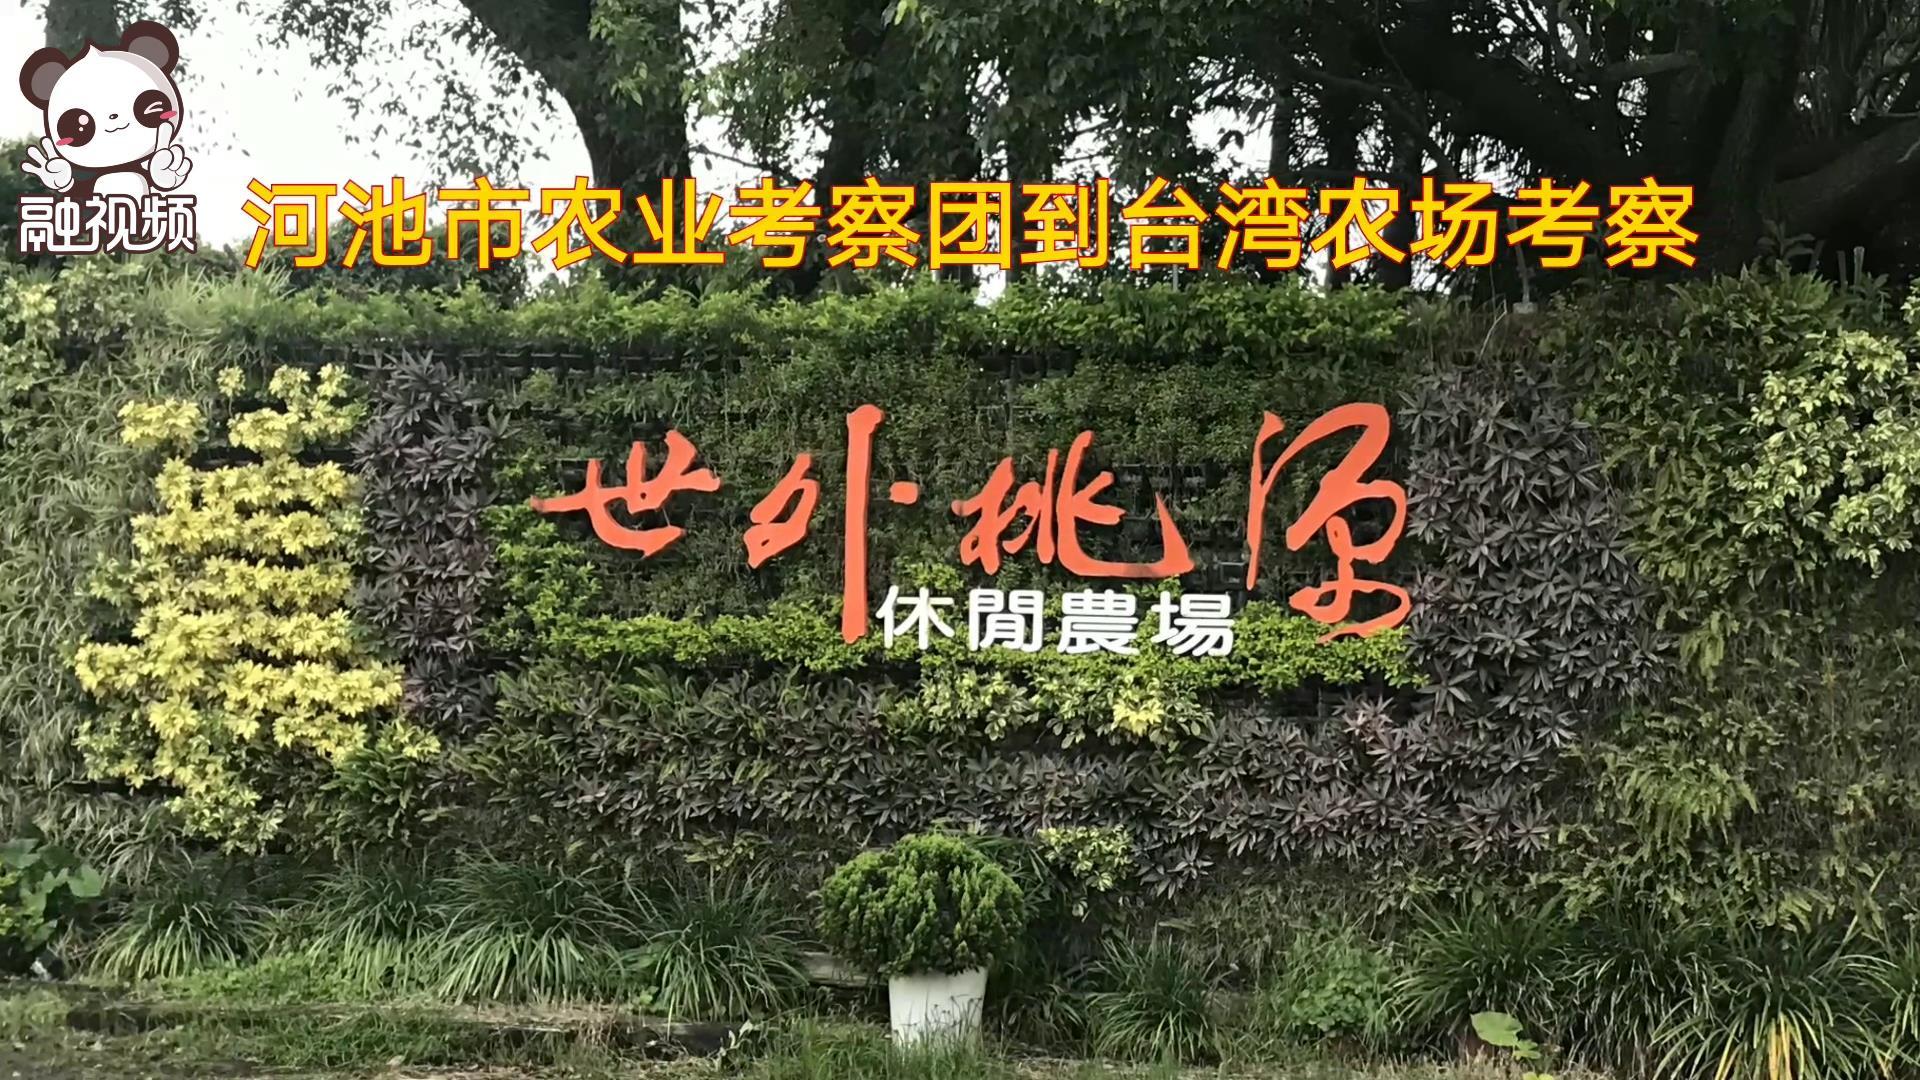 河池市农业考察团到台湾休闲农场考察图片